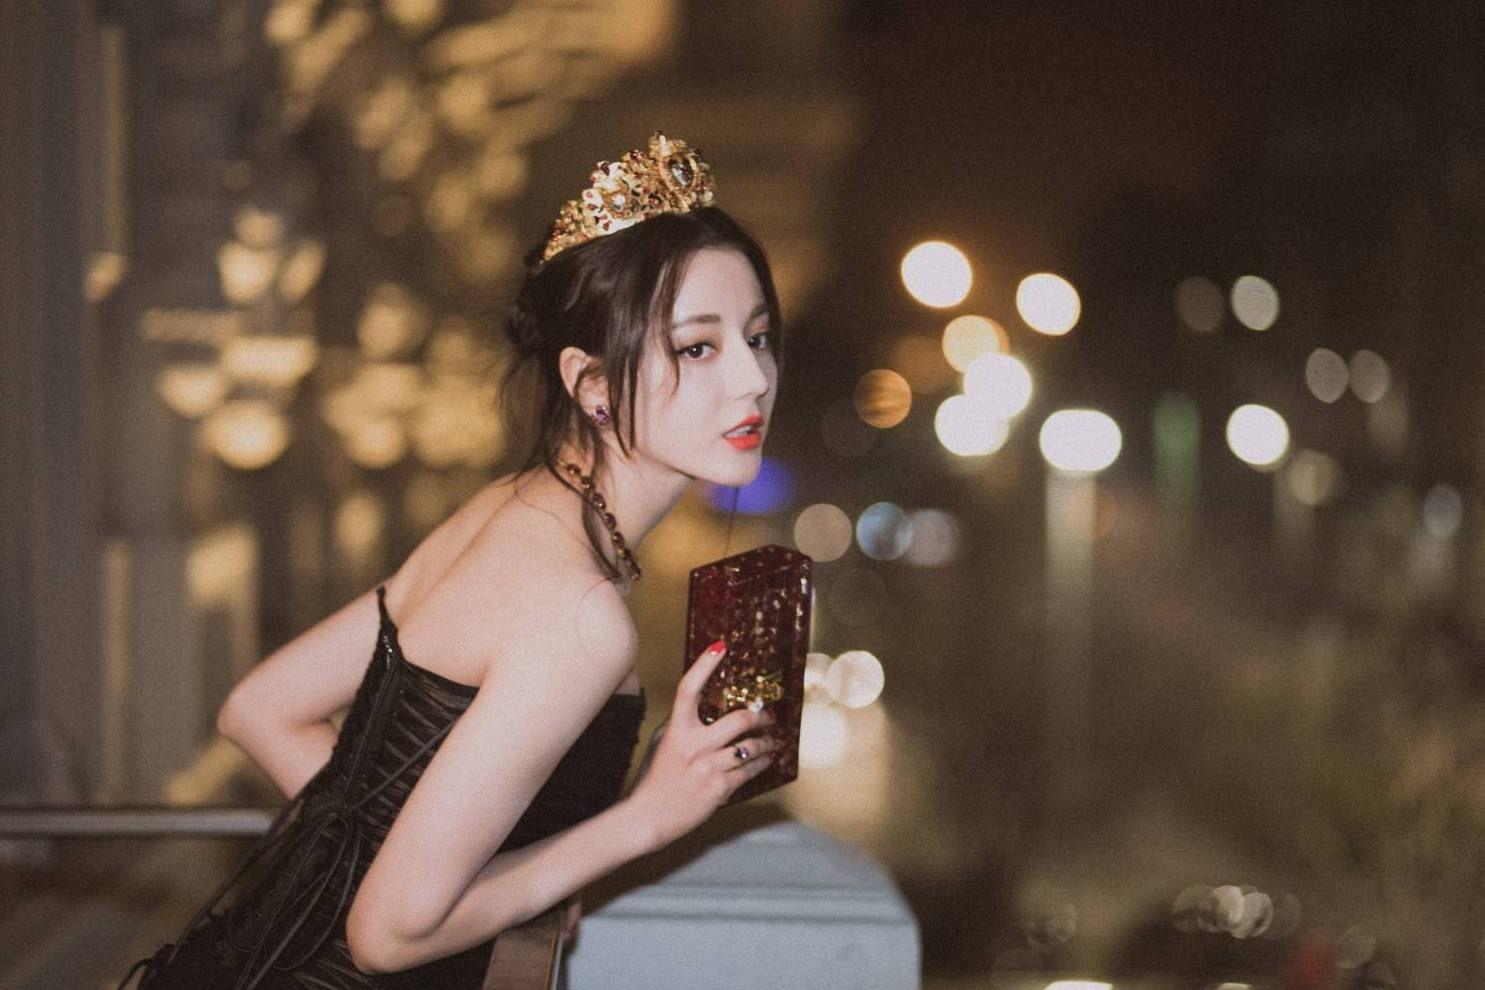 """原创            岳云鹏评价热巴为""""不可靠近的盛世美颜"""",劝她早点结婚生子"""